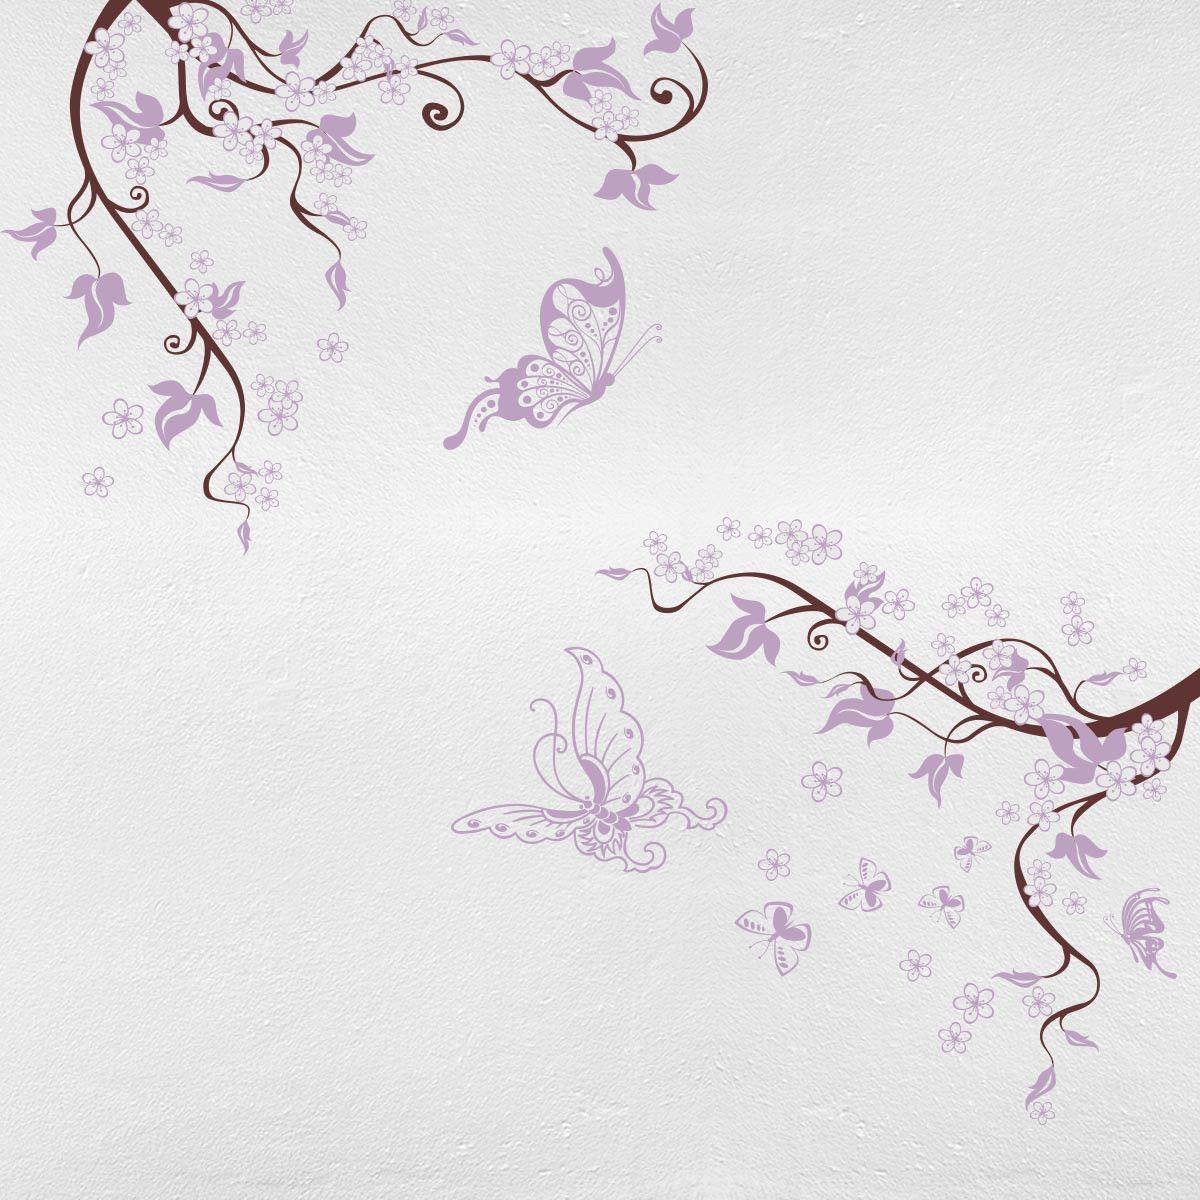 Adesivo De Parede Para Quarto Do Beb Arabesco E Flores Papel  ~ Paredes De Gesso Para Quarto E Quarto De Bebe Floresta